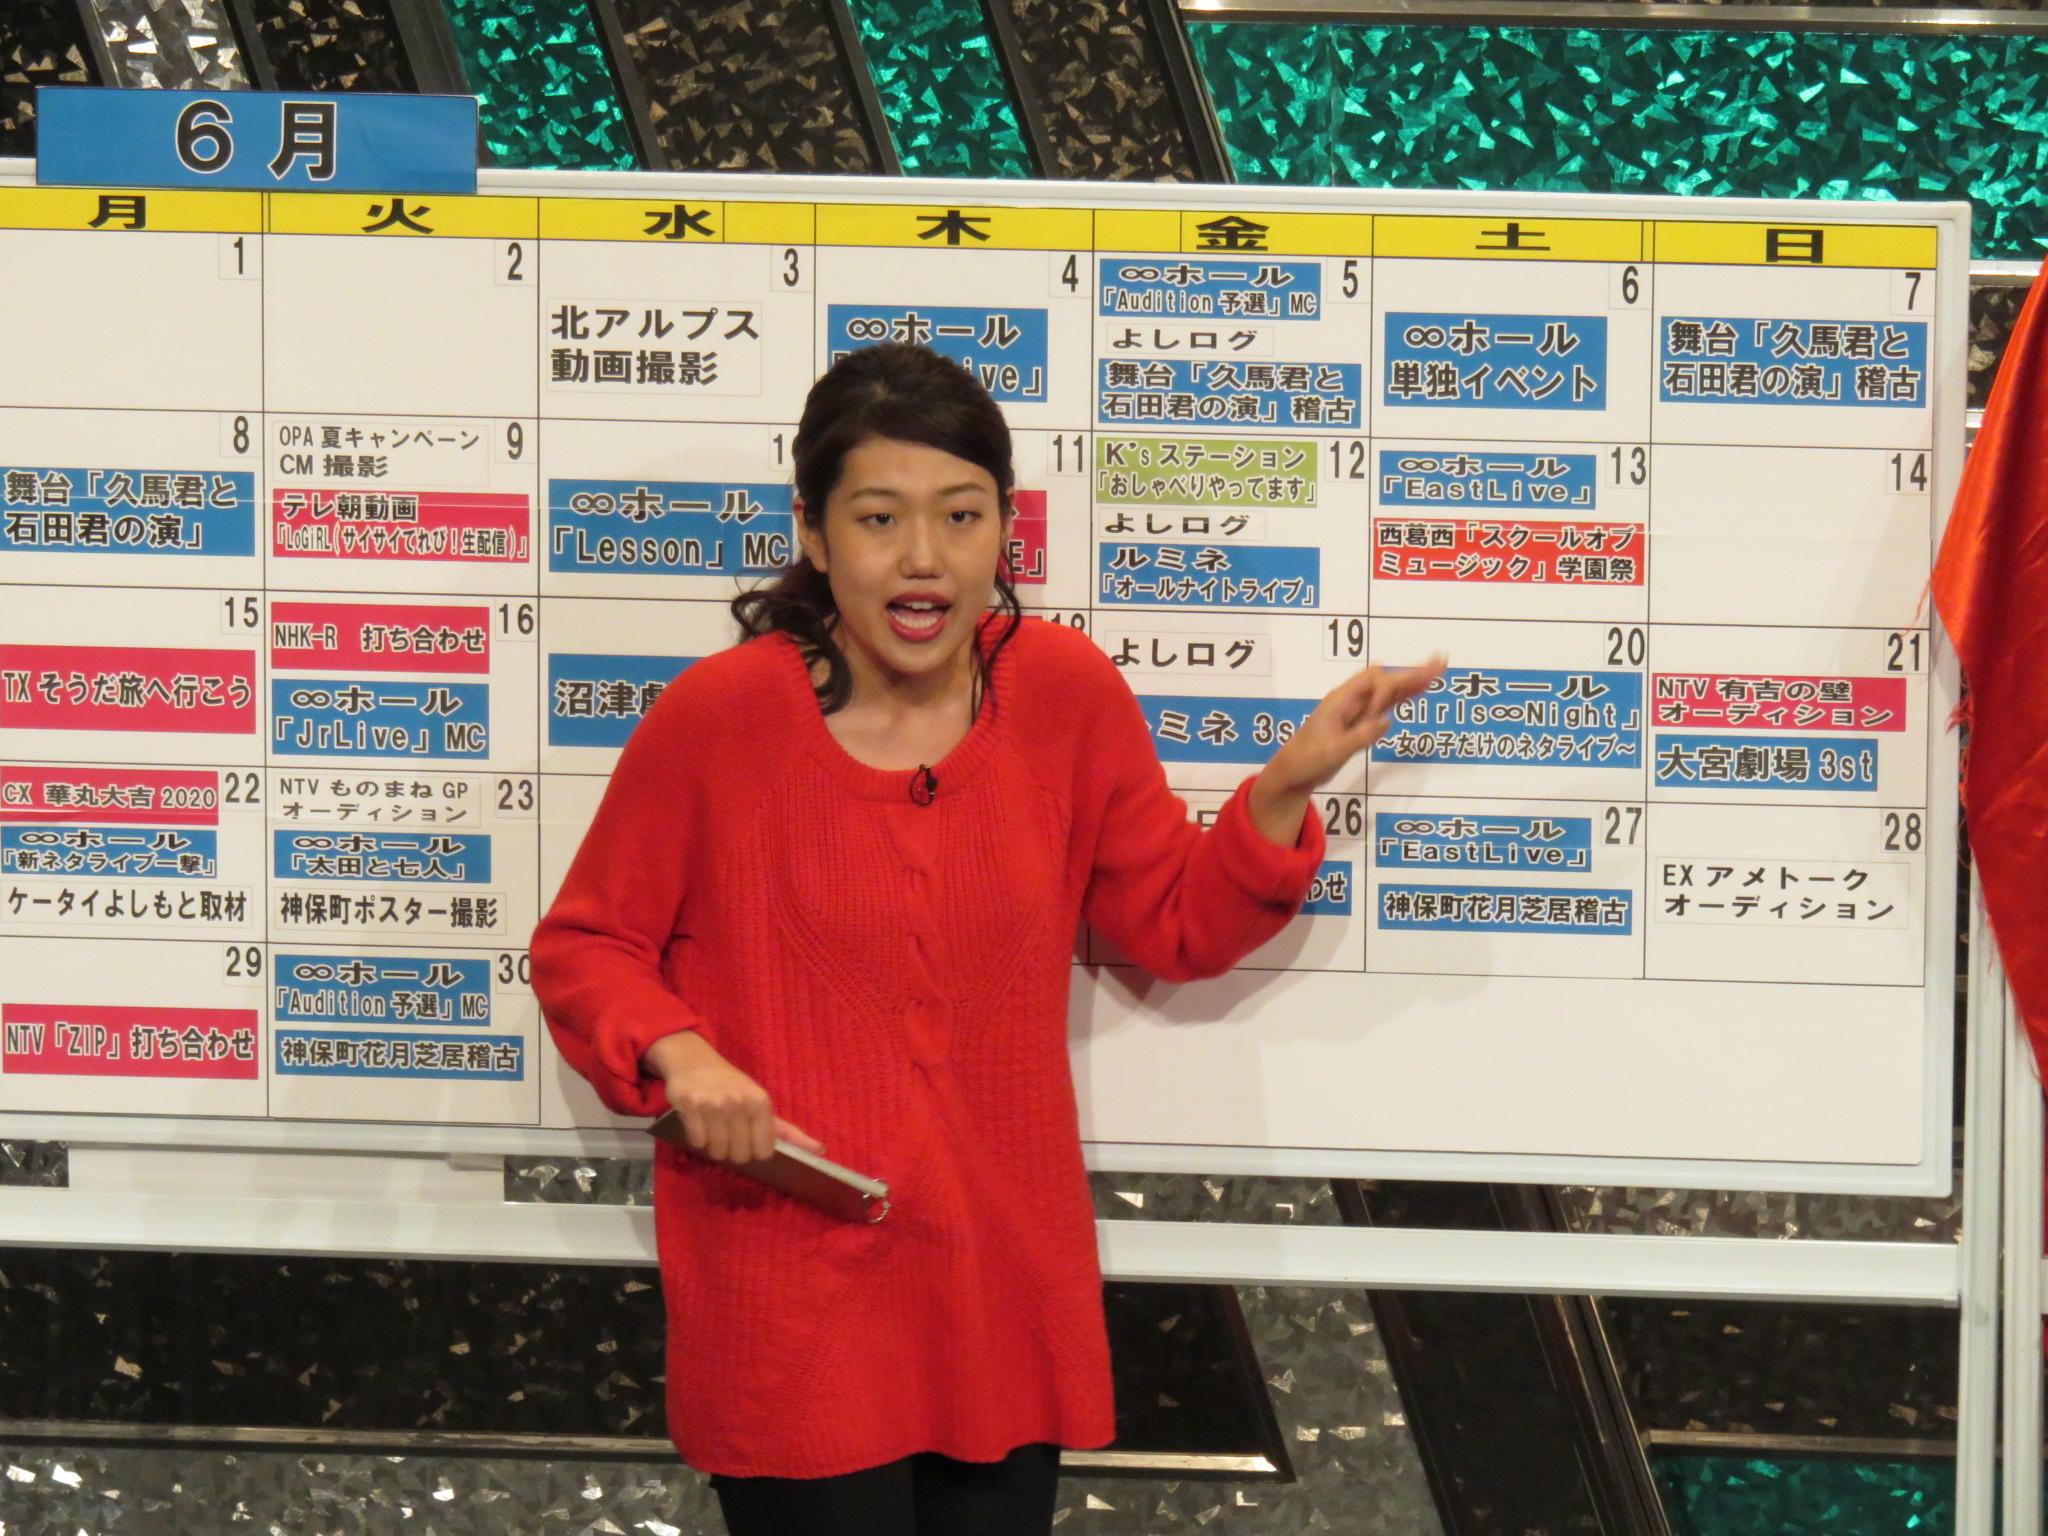 http://news.yoshimoto.co.jp/20160229222519-0a2c12dbe9ef666b4d6f30136ff23c709879b9f8.jpg